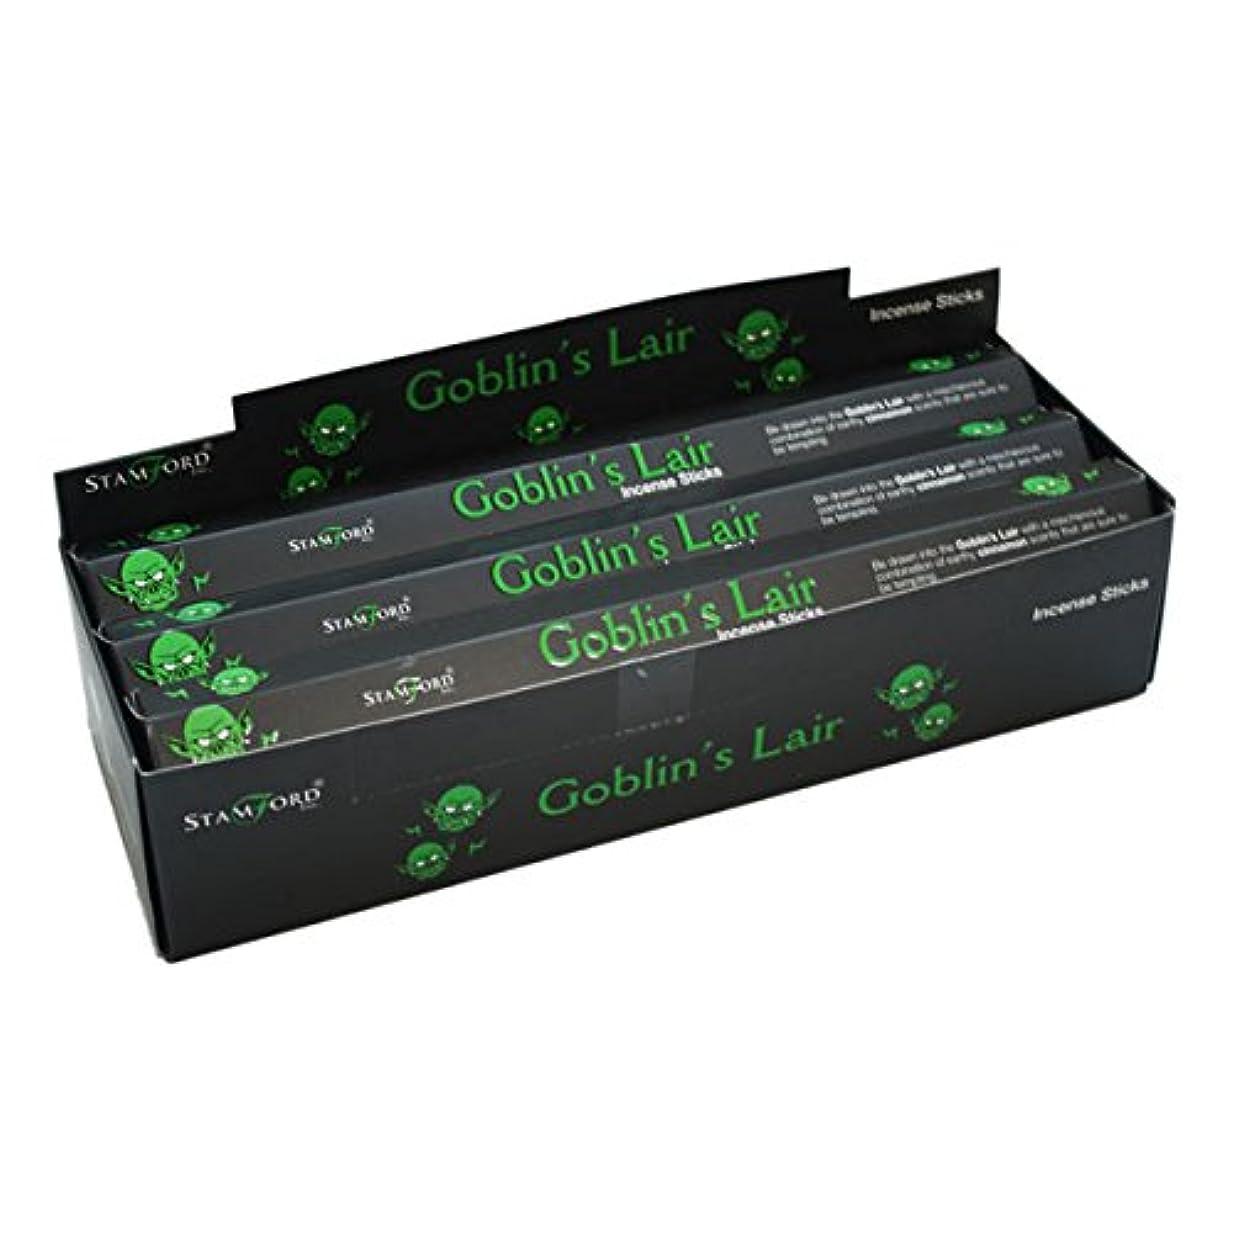 仲介者スクラブセンター37135 Goblin 's Lair StamfordブラックIncense Sticks